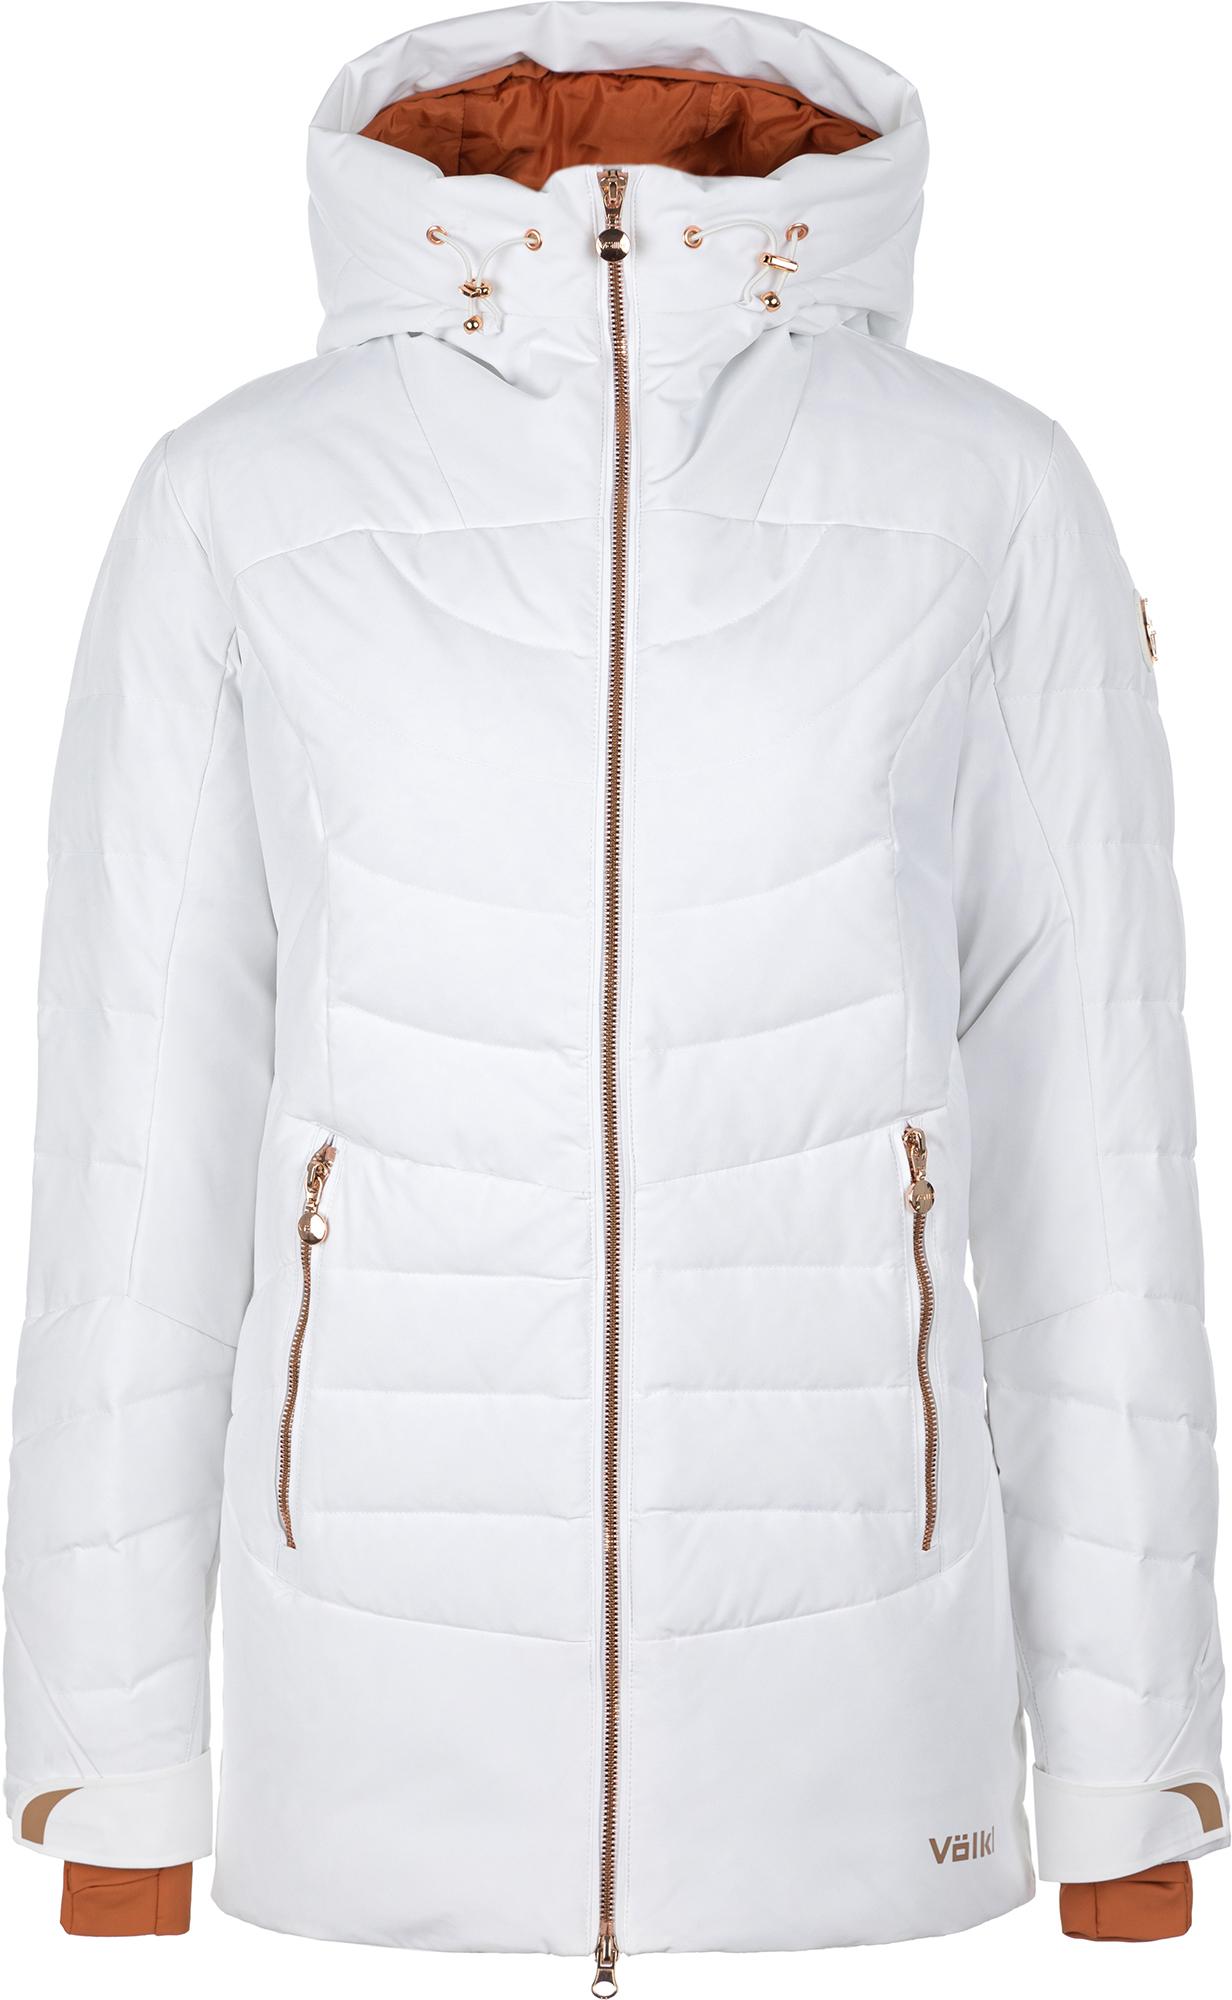 купить Volkl Куртка пуховая женская Volkl, размер 50 онлайн